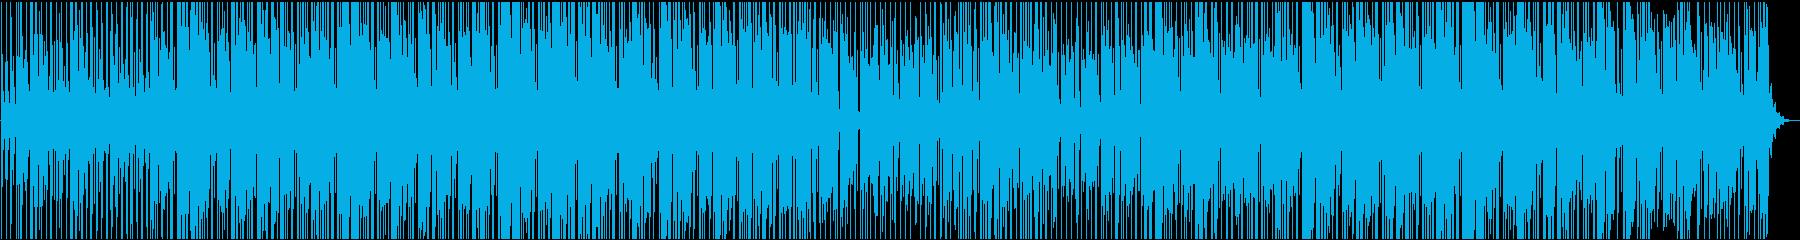 アンビエント ほのぼの 幸せ 透明...の再生済みの波形